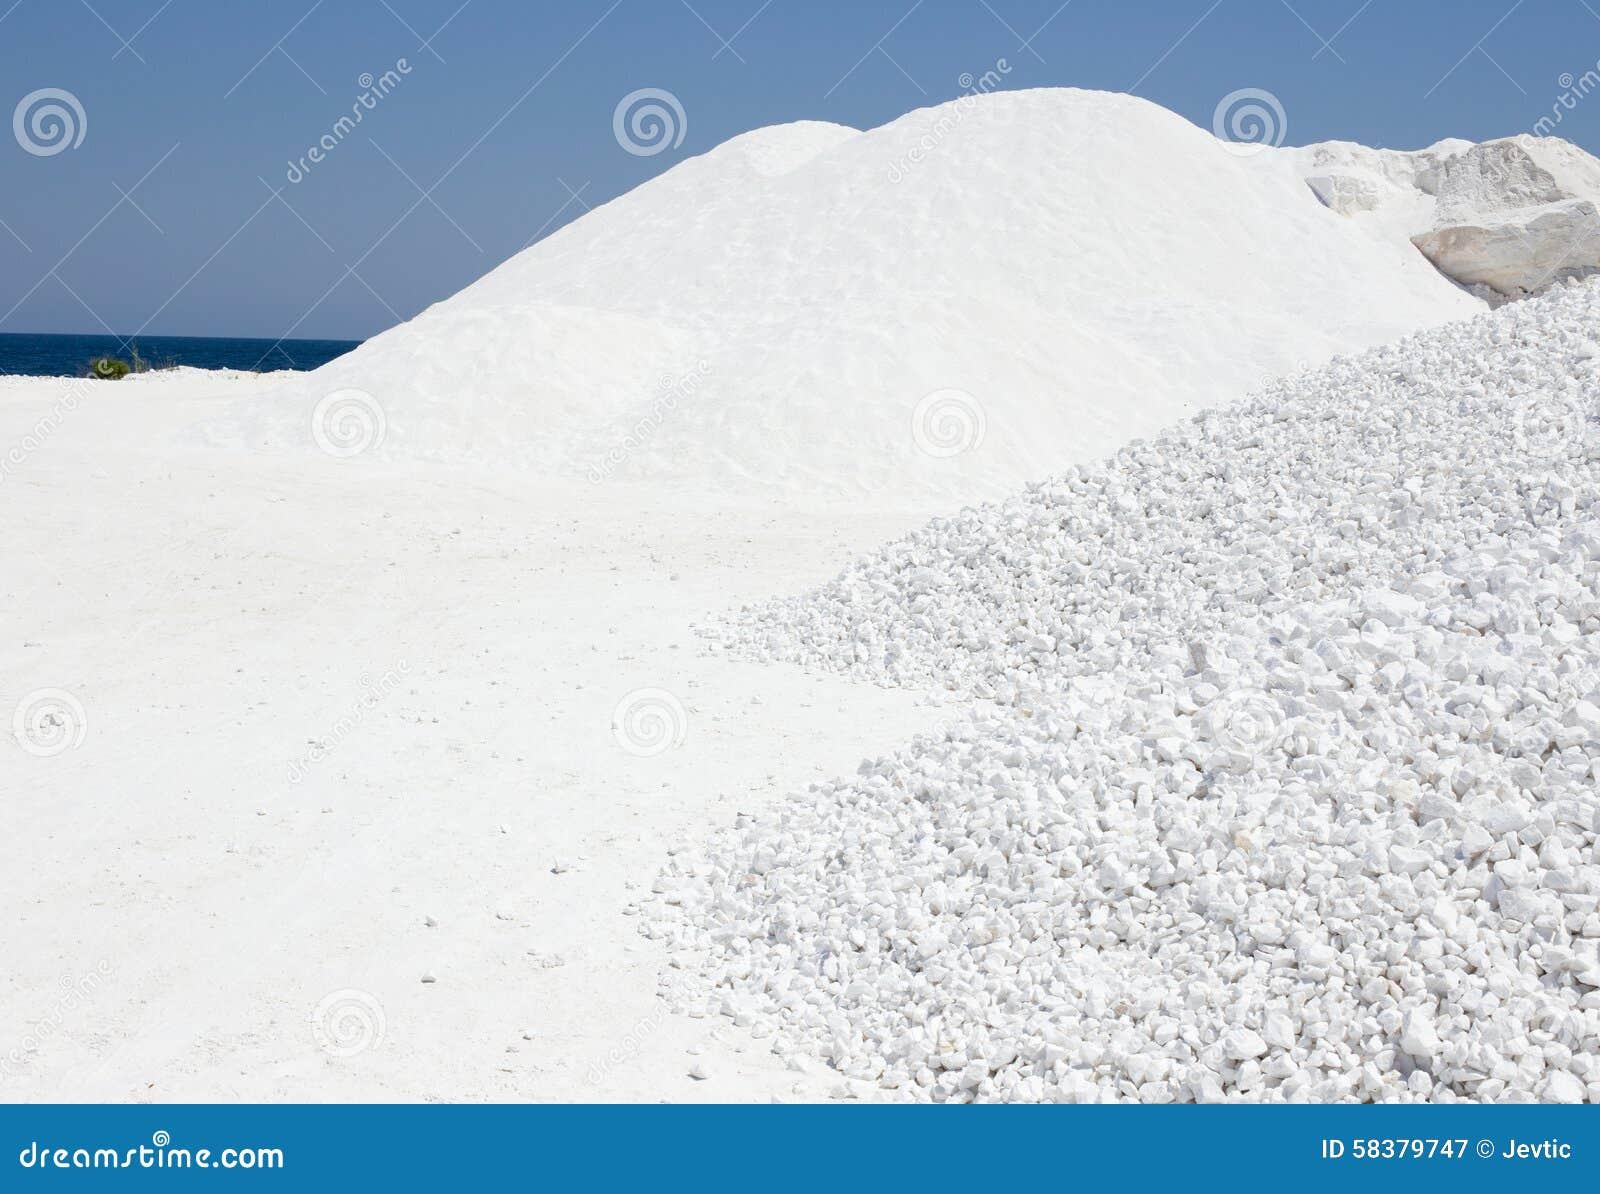 cailloux marbre blanc piles de marbre de cailloux photo stock image 58379747